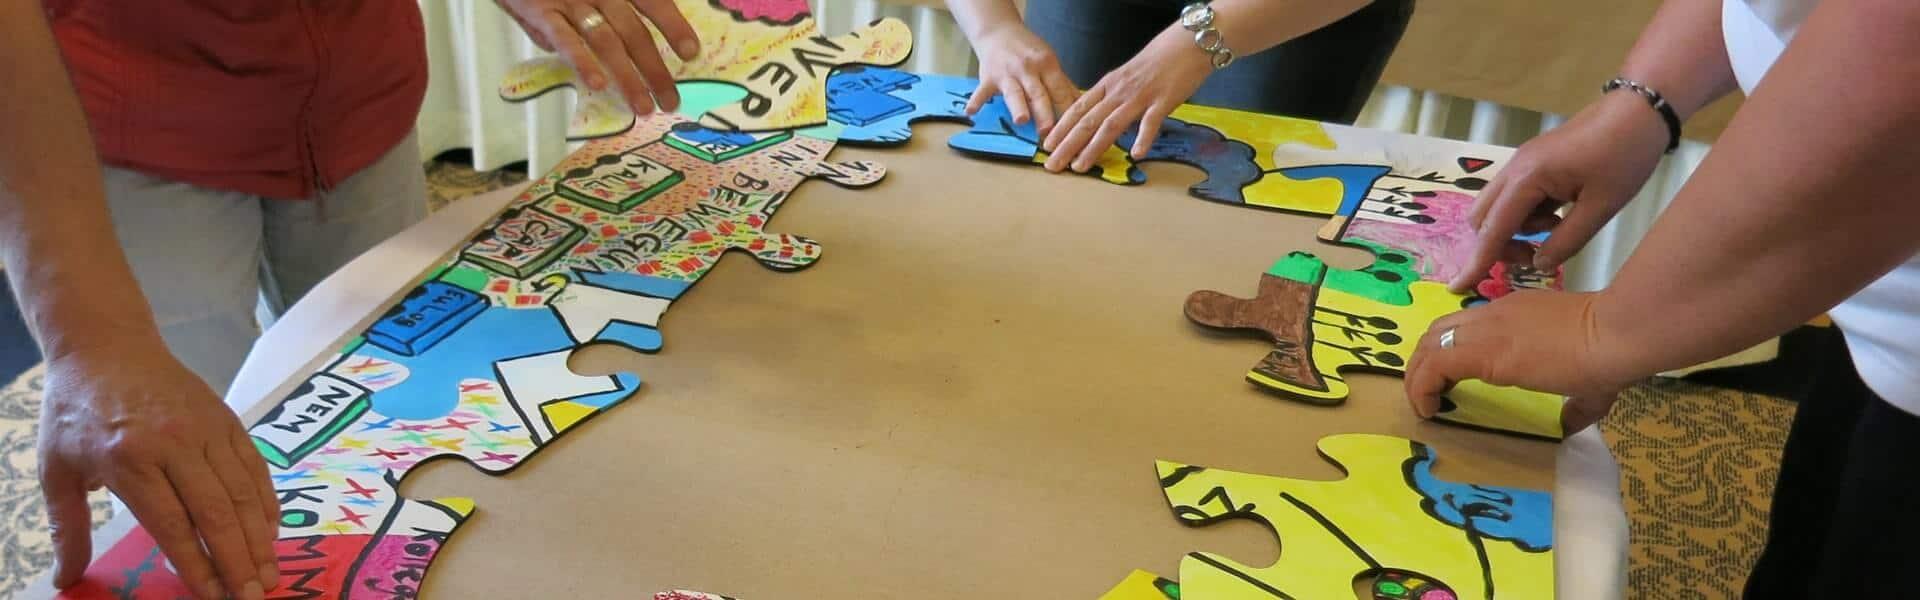 Kreative Teambuilding Idee mit dem Creative Team Puzzle von b-ceed